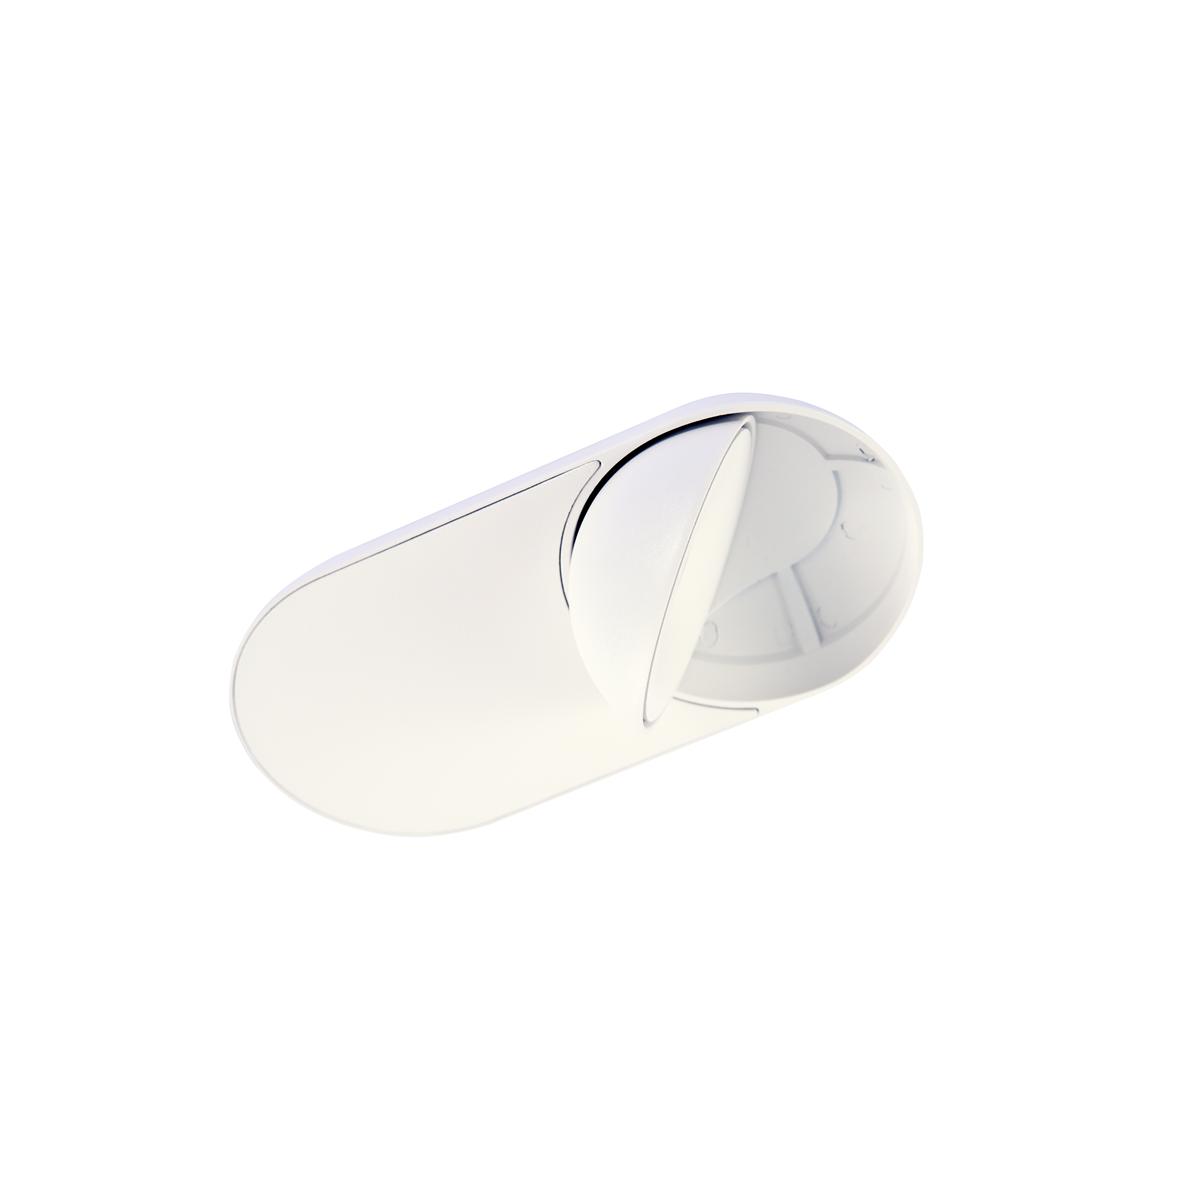 Azzardo TORONTO 1 WH LED 10W 680lm 3000K Wpust Wychylna Biały AZ4070